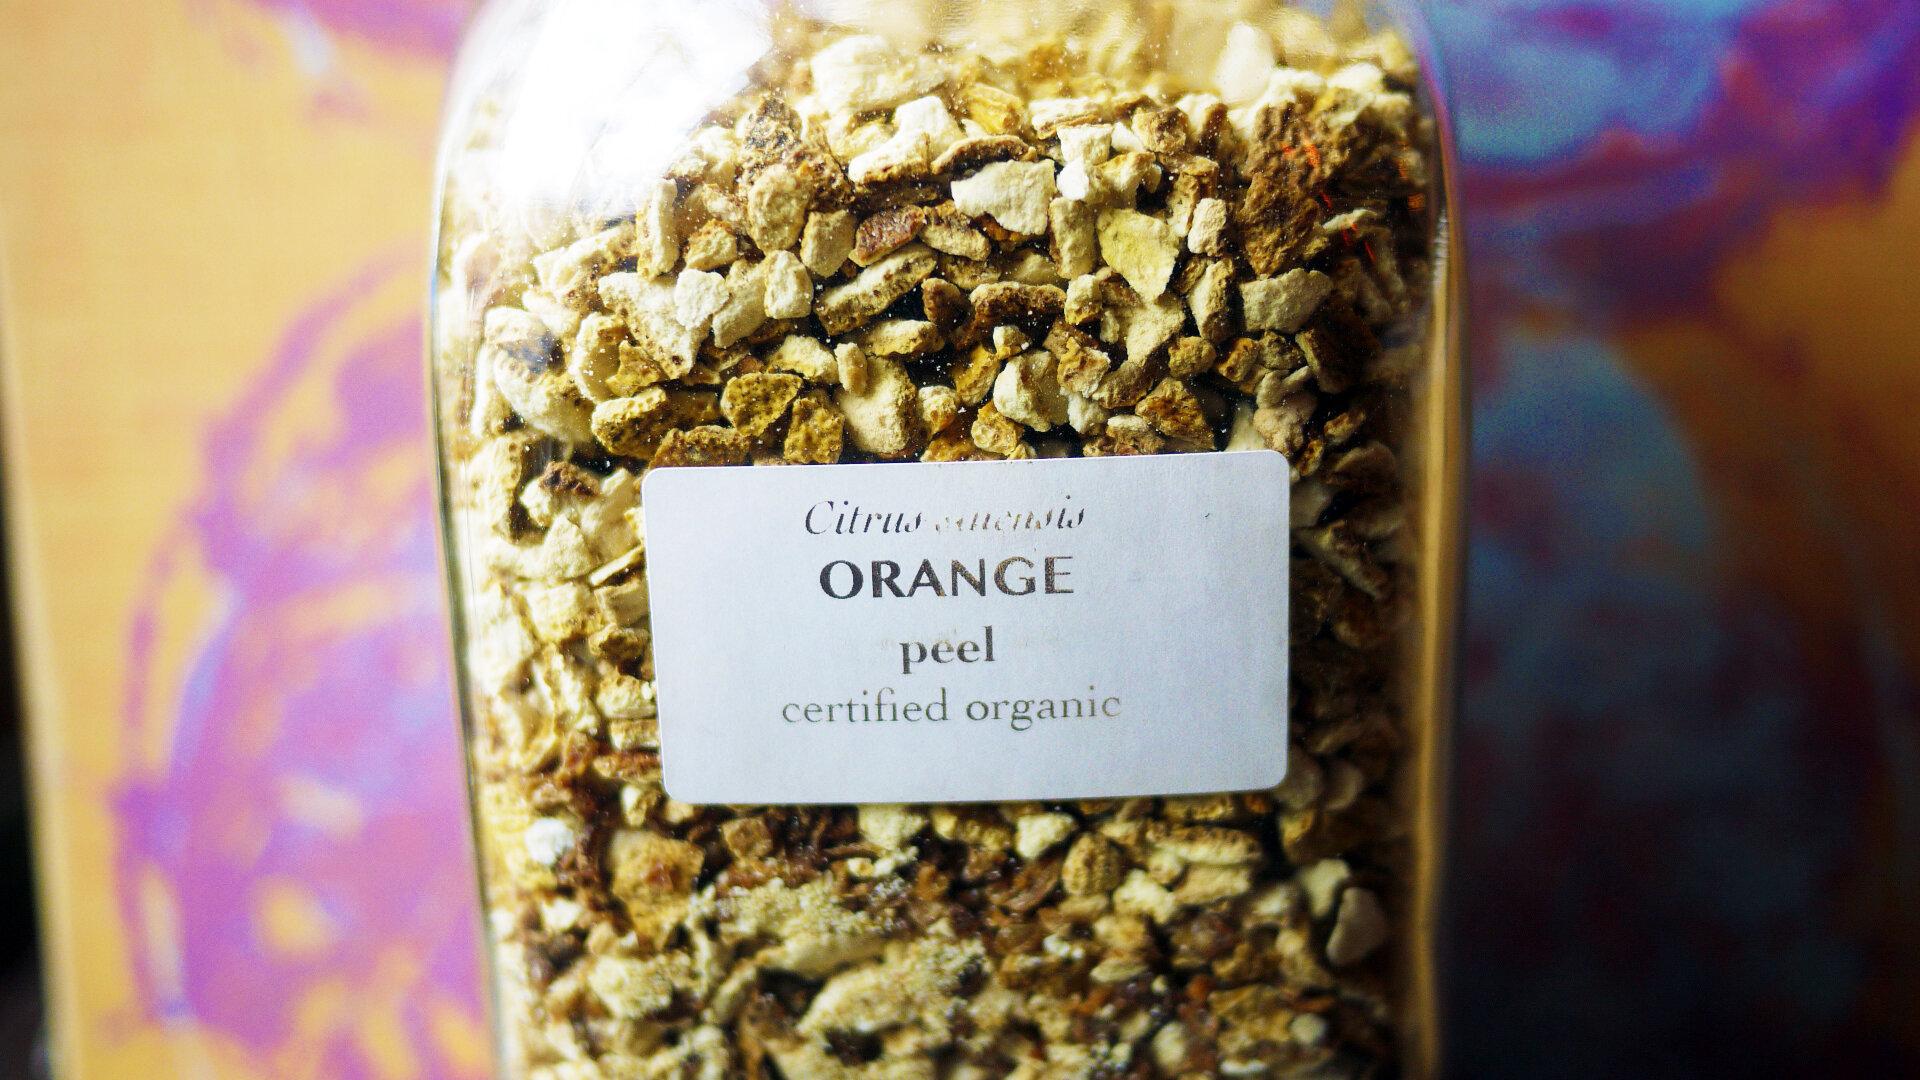 Orangepeel.jpg